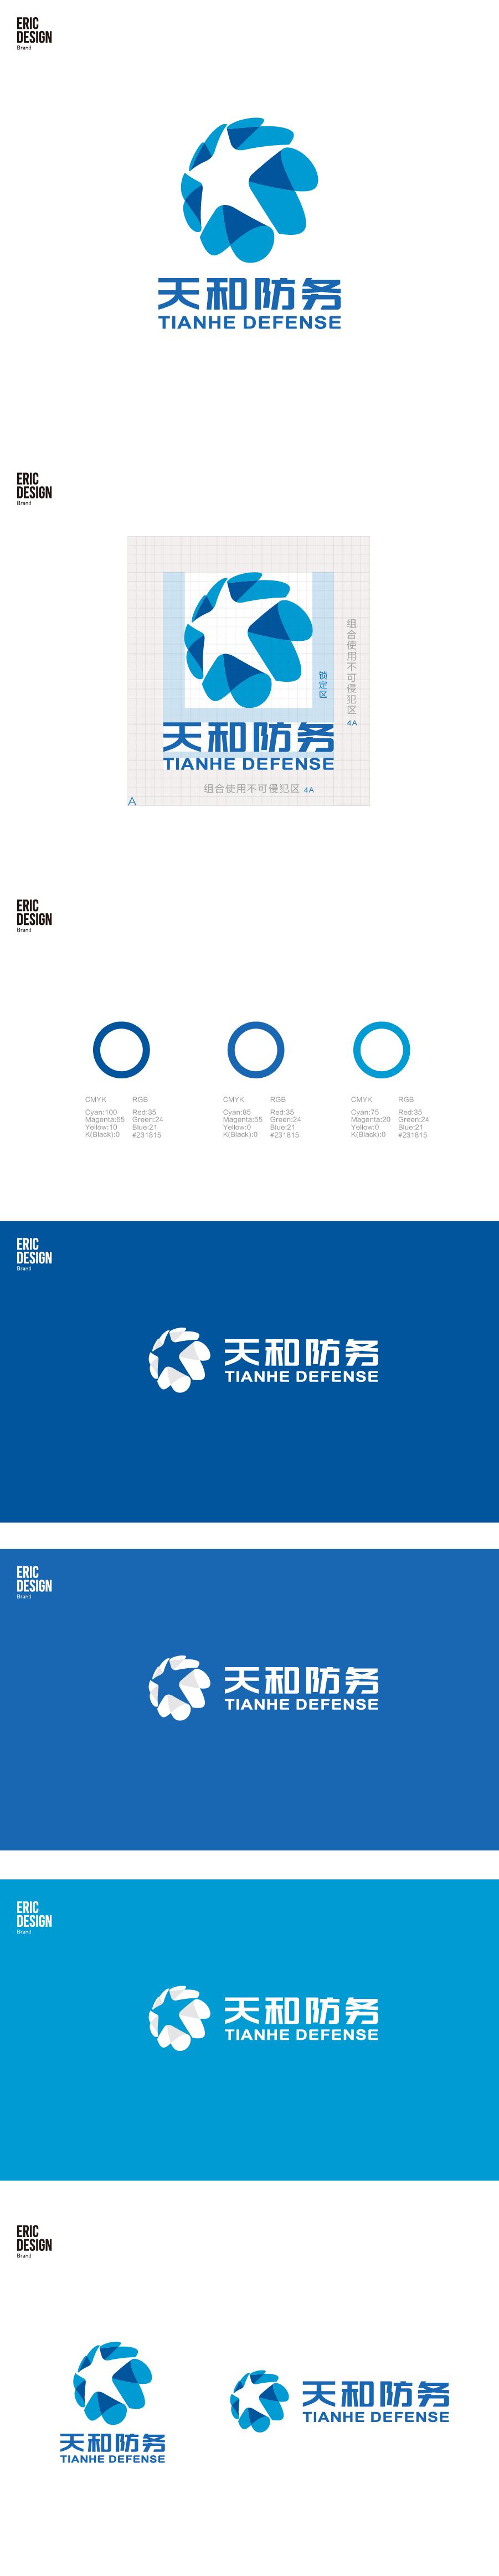 天和防务军工品牌标志LOGO设计及VI设计